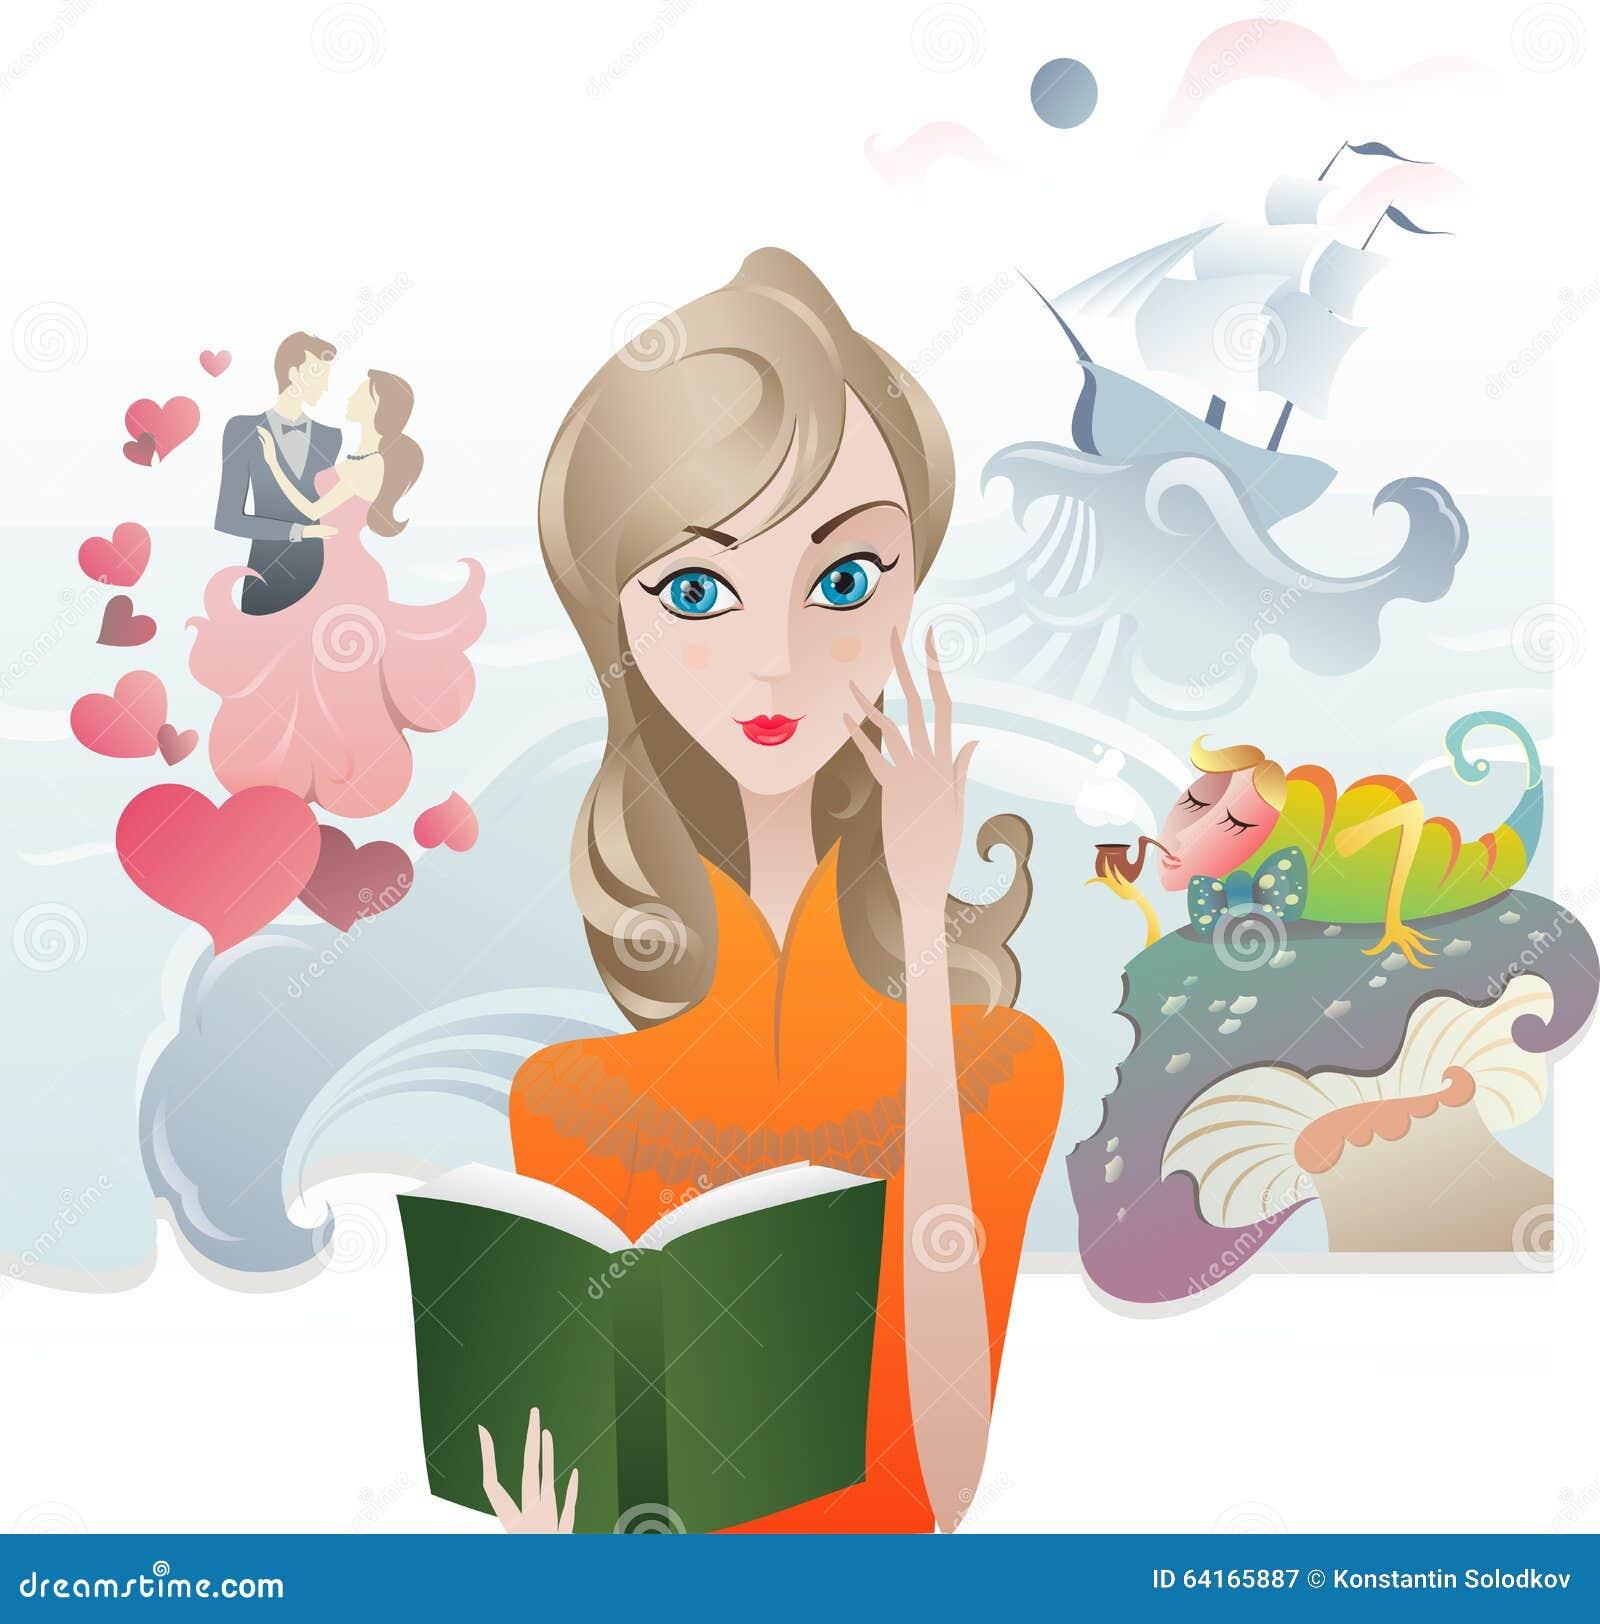 Cute Girl Reading A Book Stock Vector - Image: 64165887